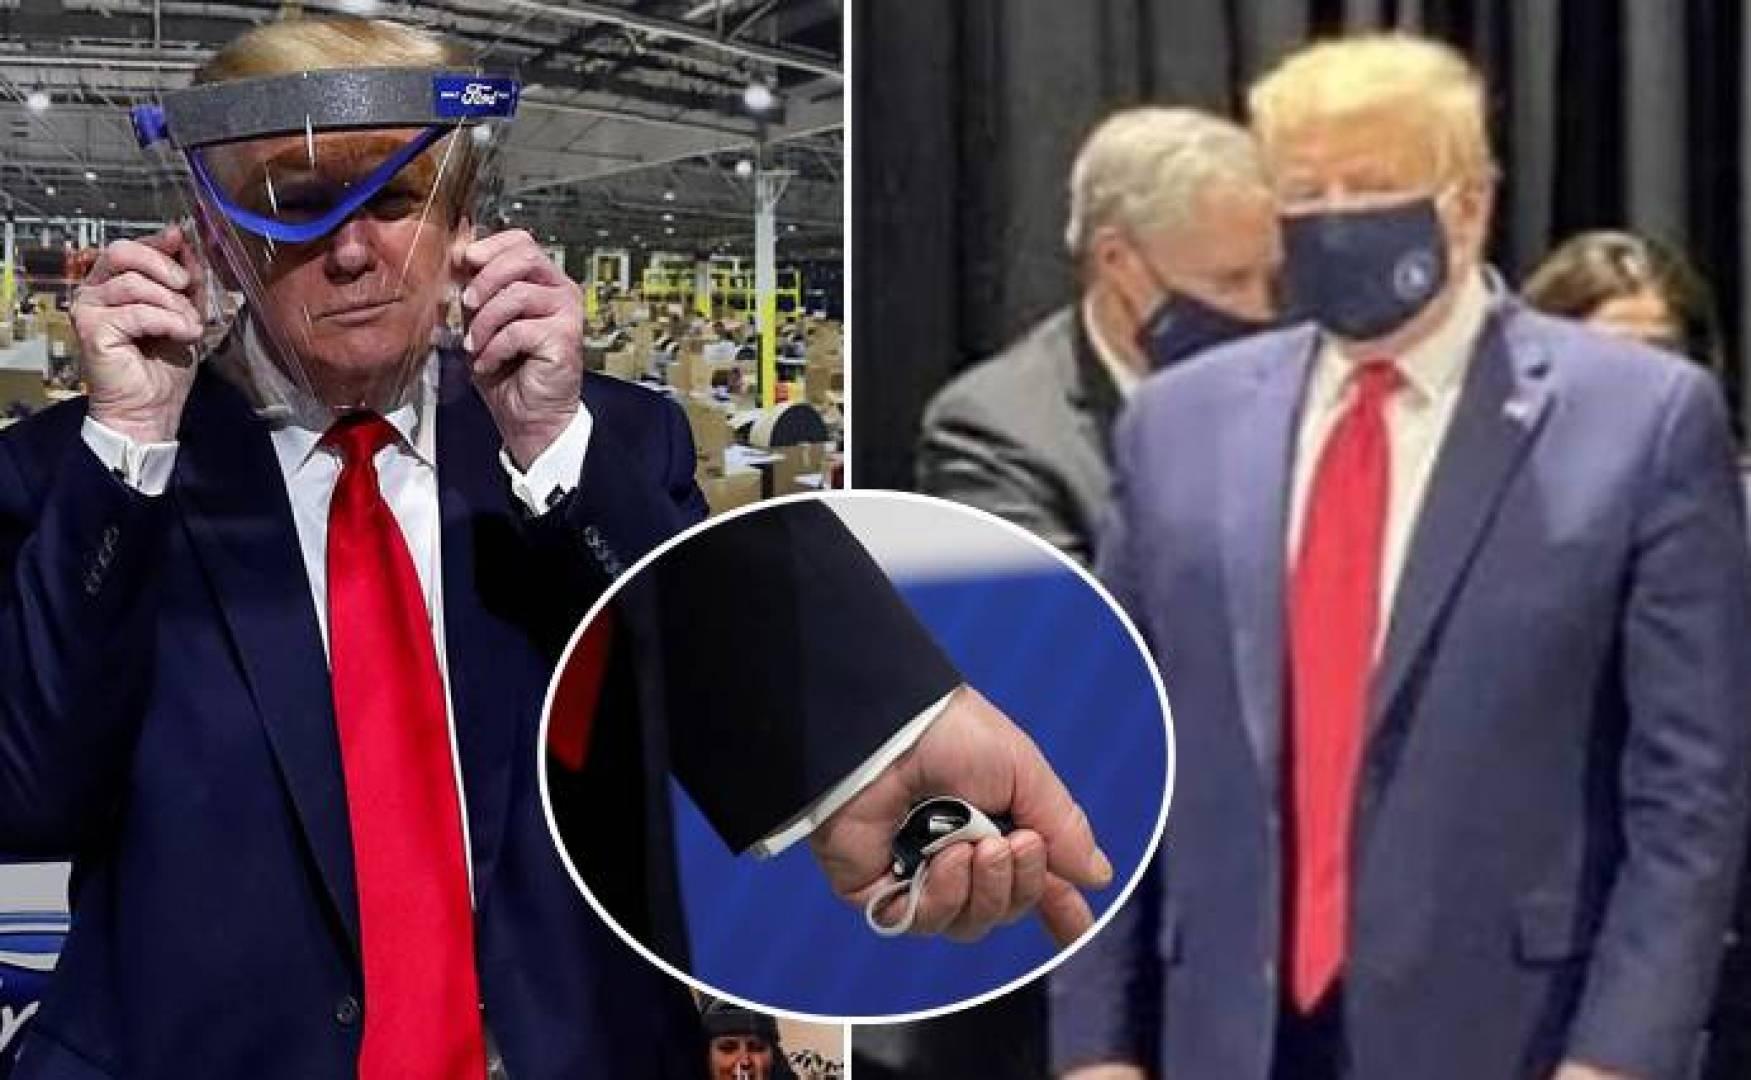 أخيراً.. ترامب يظهر مرتدياً كمامات لكن لدقائق فقط